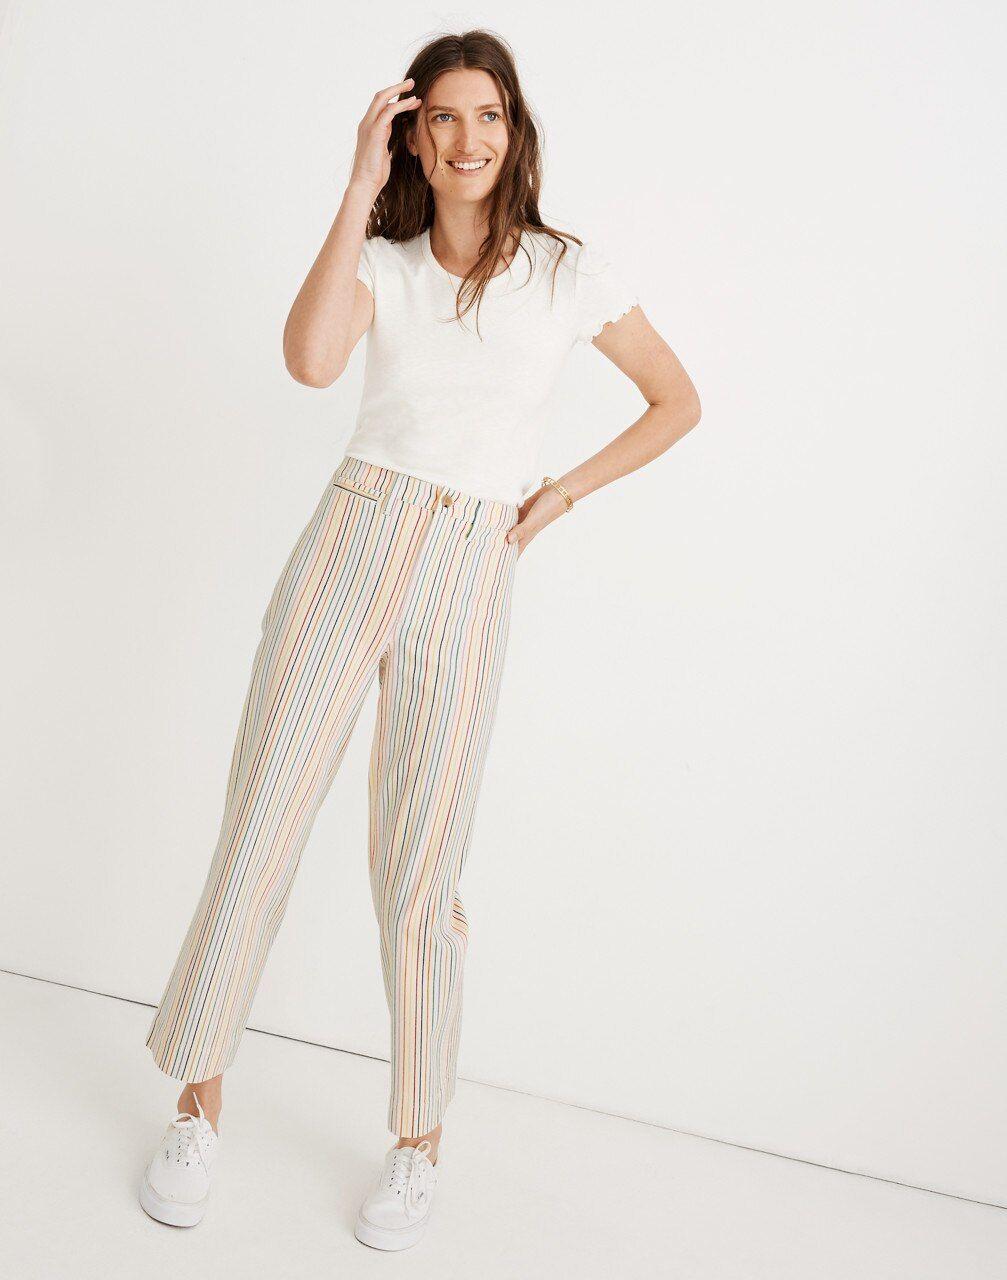 0a342f0ce Slim Emmett Wide-Leg Crop Pants in Rainbow Stripe in 2019 | Products ...